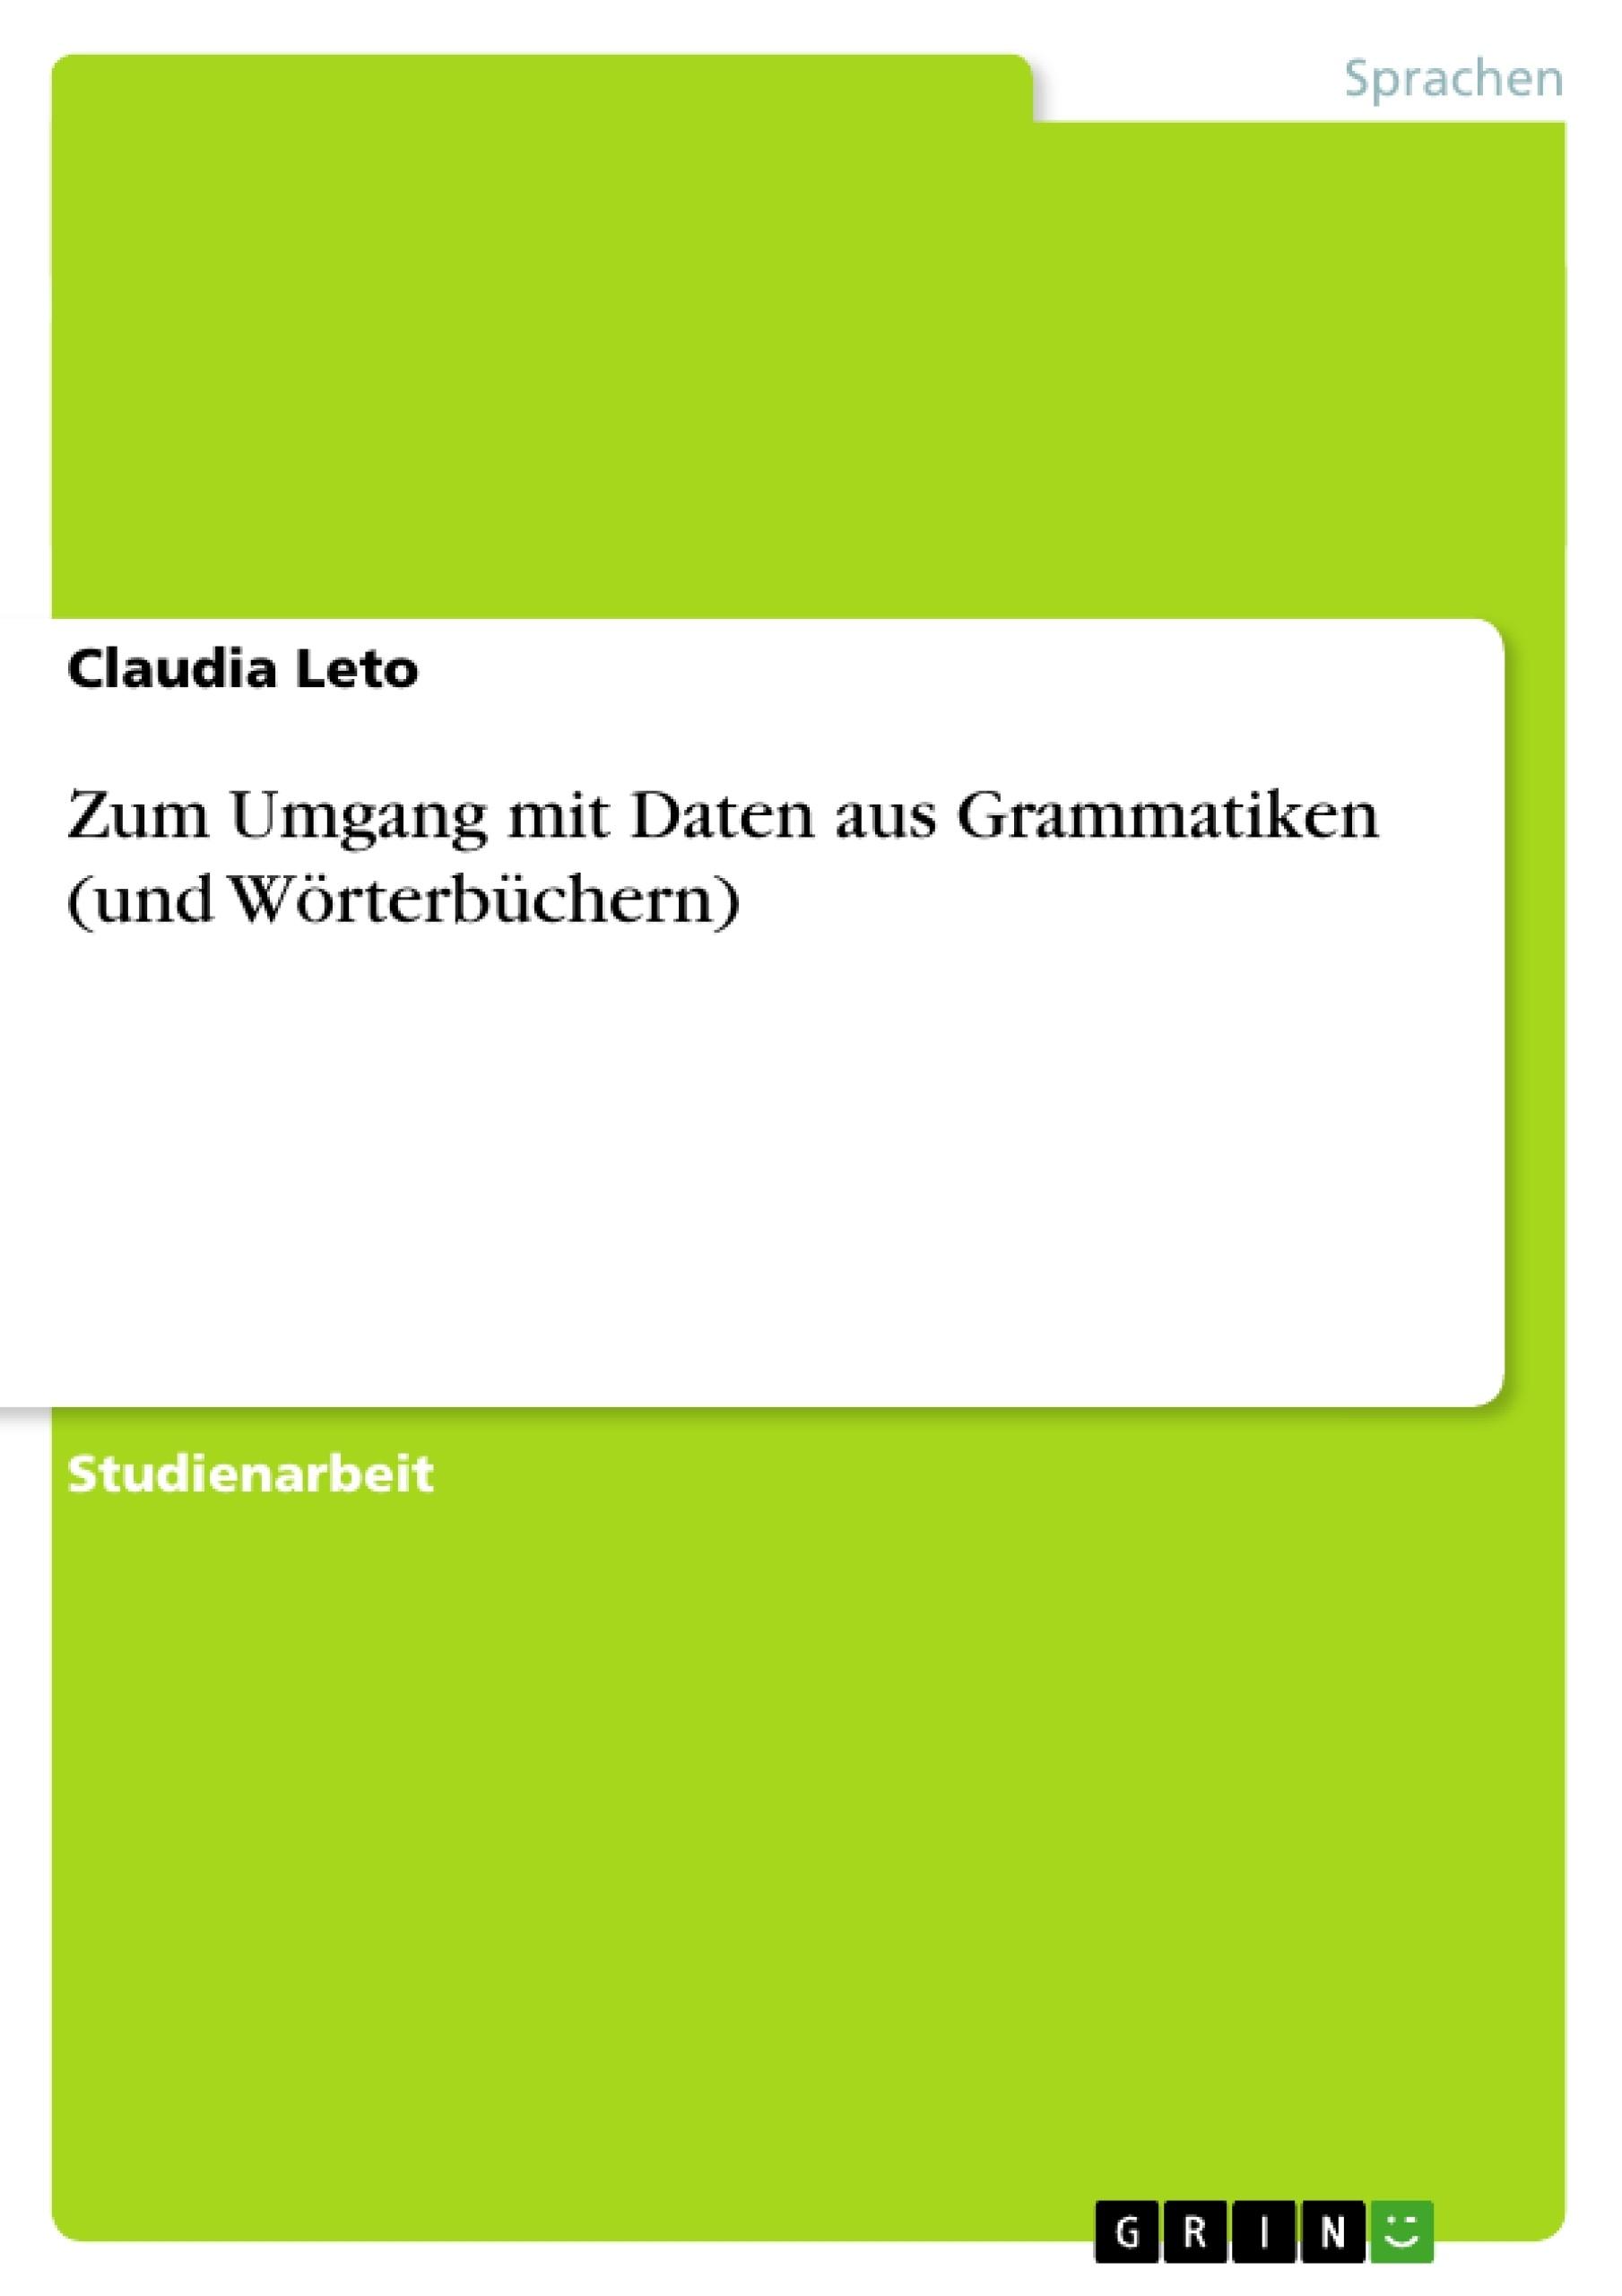 Titel: Zum Umgang mit Daten aus Grammatiken (und Wörterbüchern)